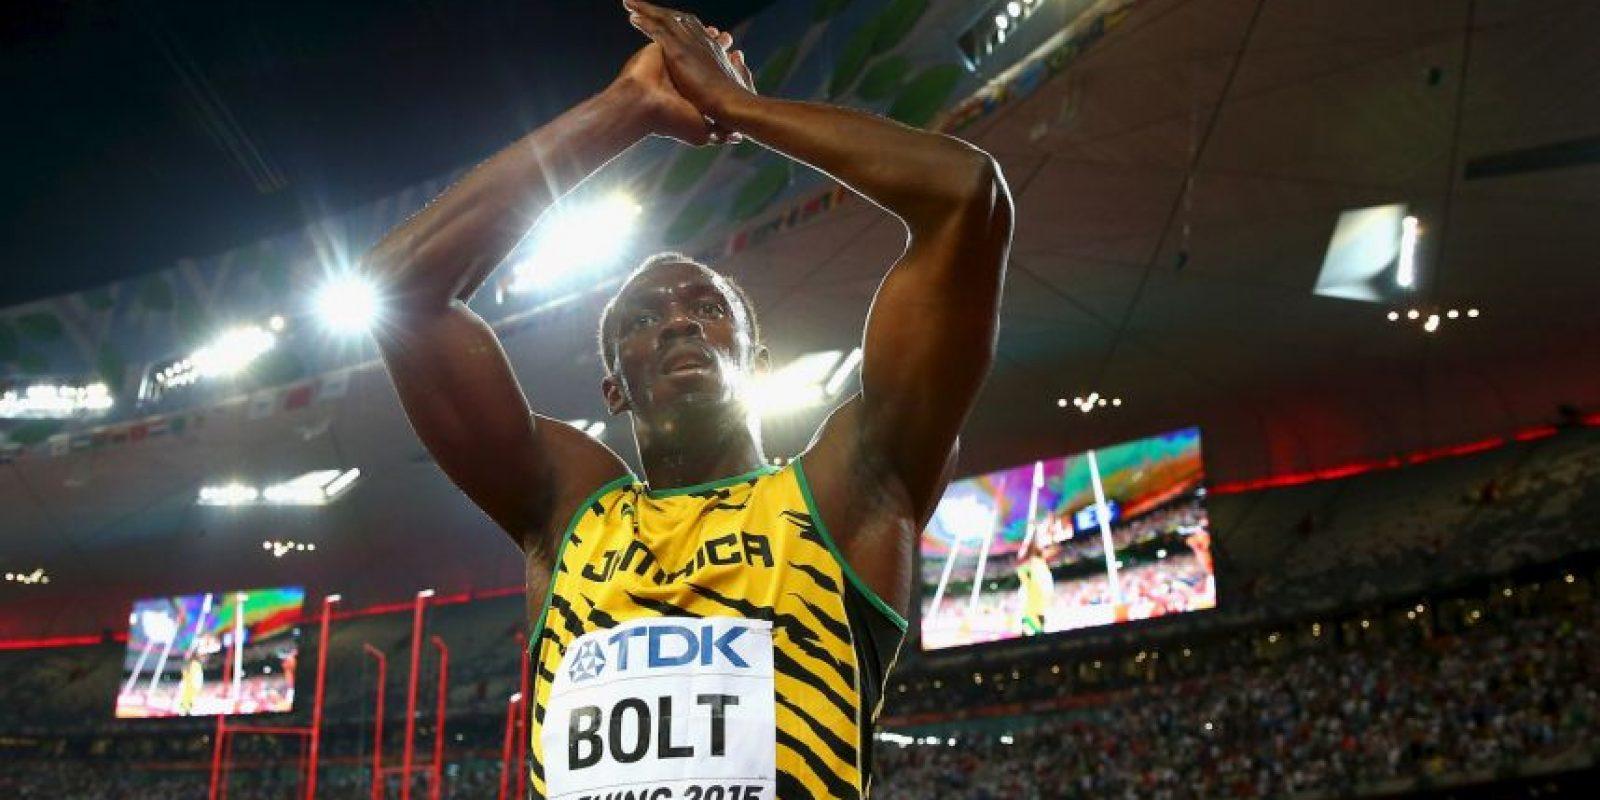 Usain Bolt (Atletismo): Es la gran figura a ver en los Juegos Olímpicos de Río 2016 y todos están esperando esos nueve segundos y fracción que duran los 100 metros para tenerlo en acción. Acumula seis oros olímpicos tras ganar los 100, 200 y 4×100 de Beijing 2008 y Londres 2012. Foto:Getty Images